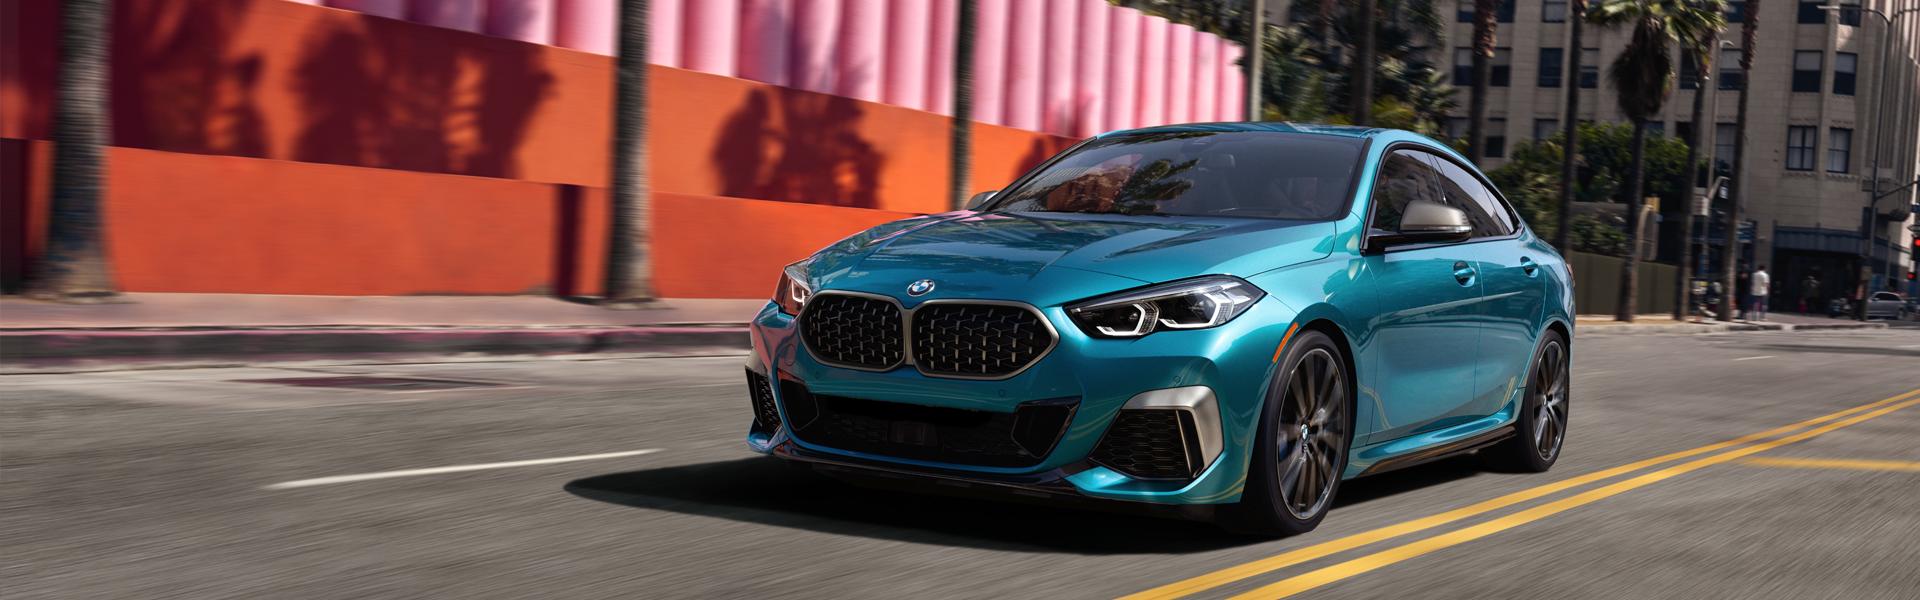 New BMW 2 Series Model Information | BMW of Minnetonka